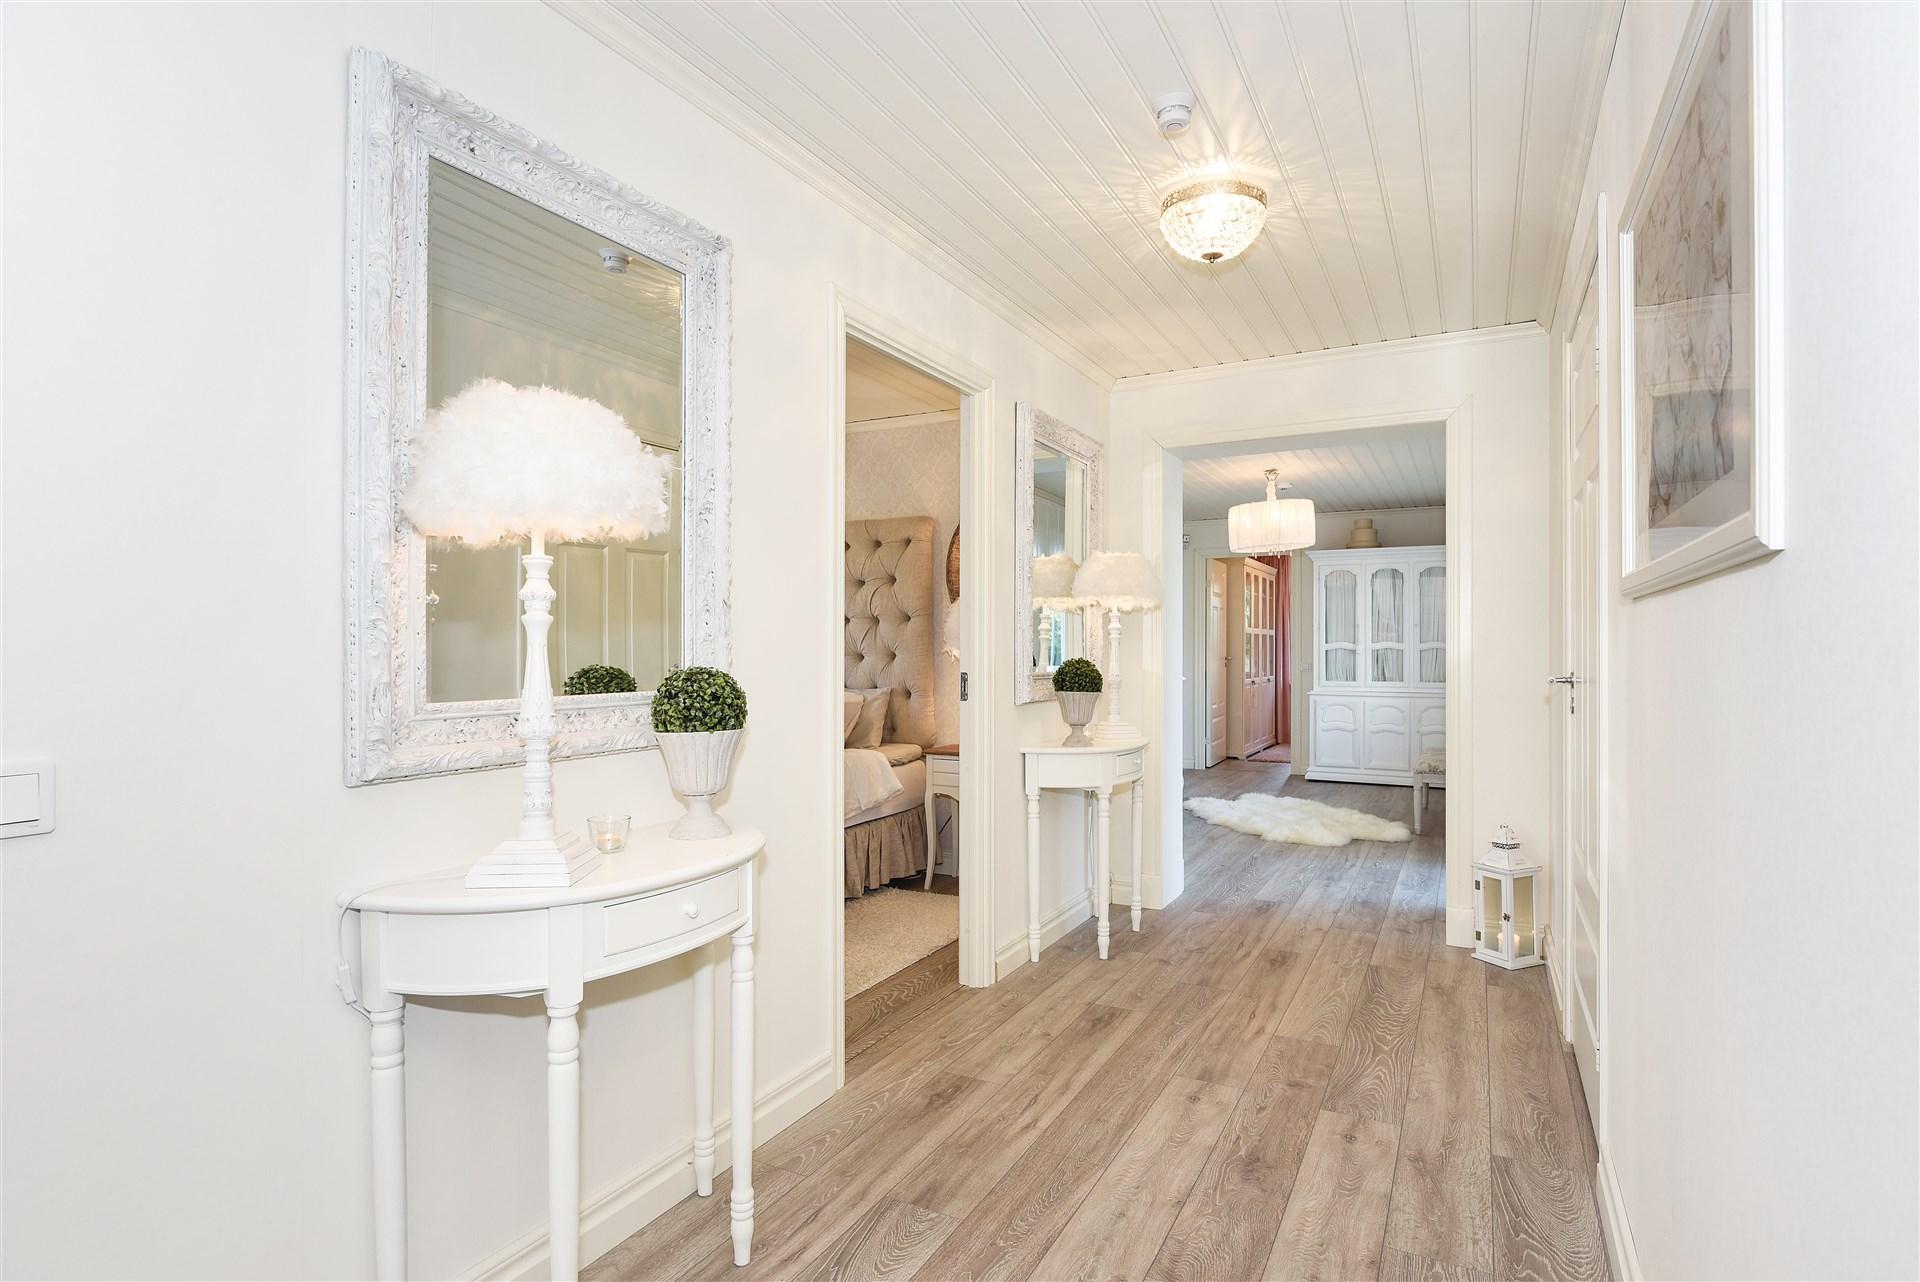 Inre hall med ingång till allrum, sovrum och duchrum